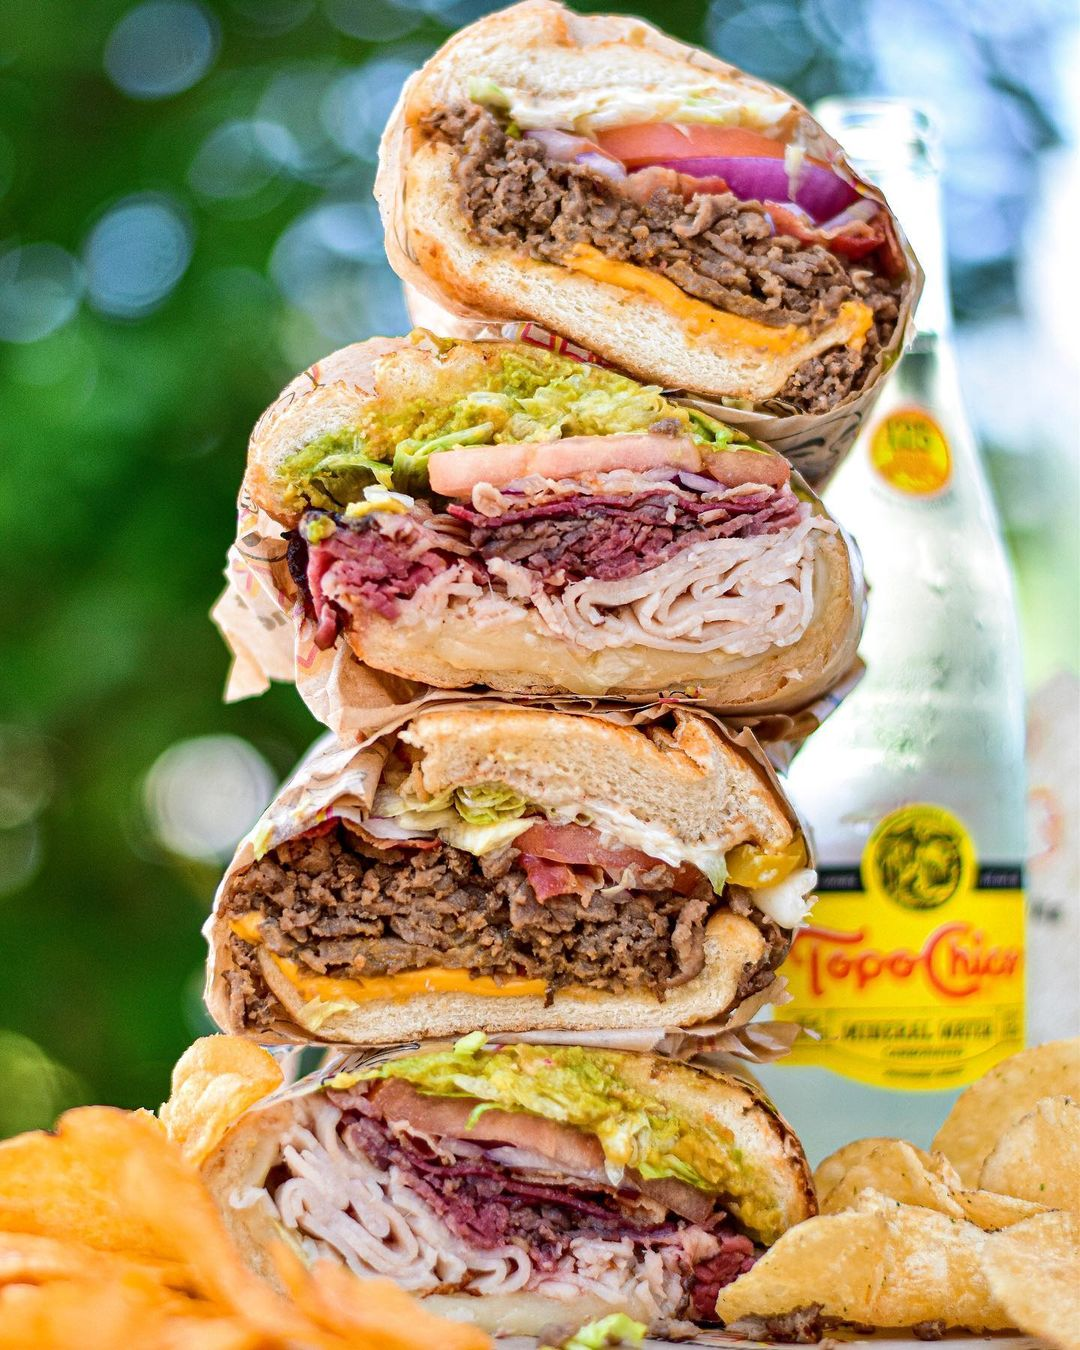 طرز تهیه ساندویچ رست بیف رستورانی خوشمزه با گوشت ریش ریش شده